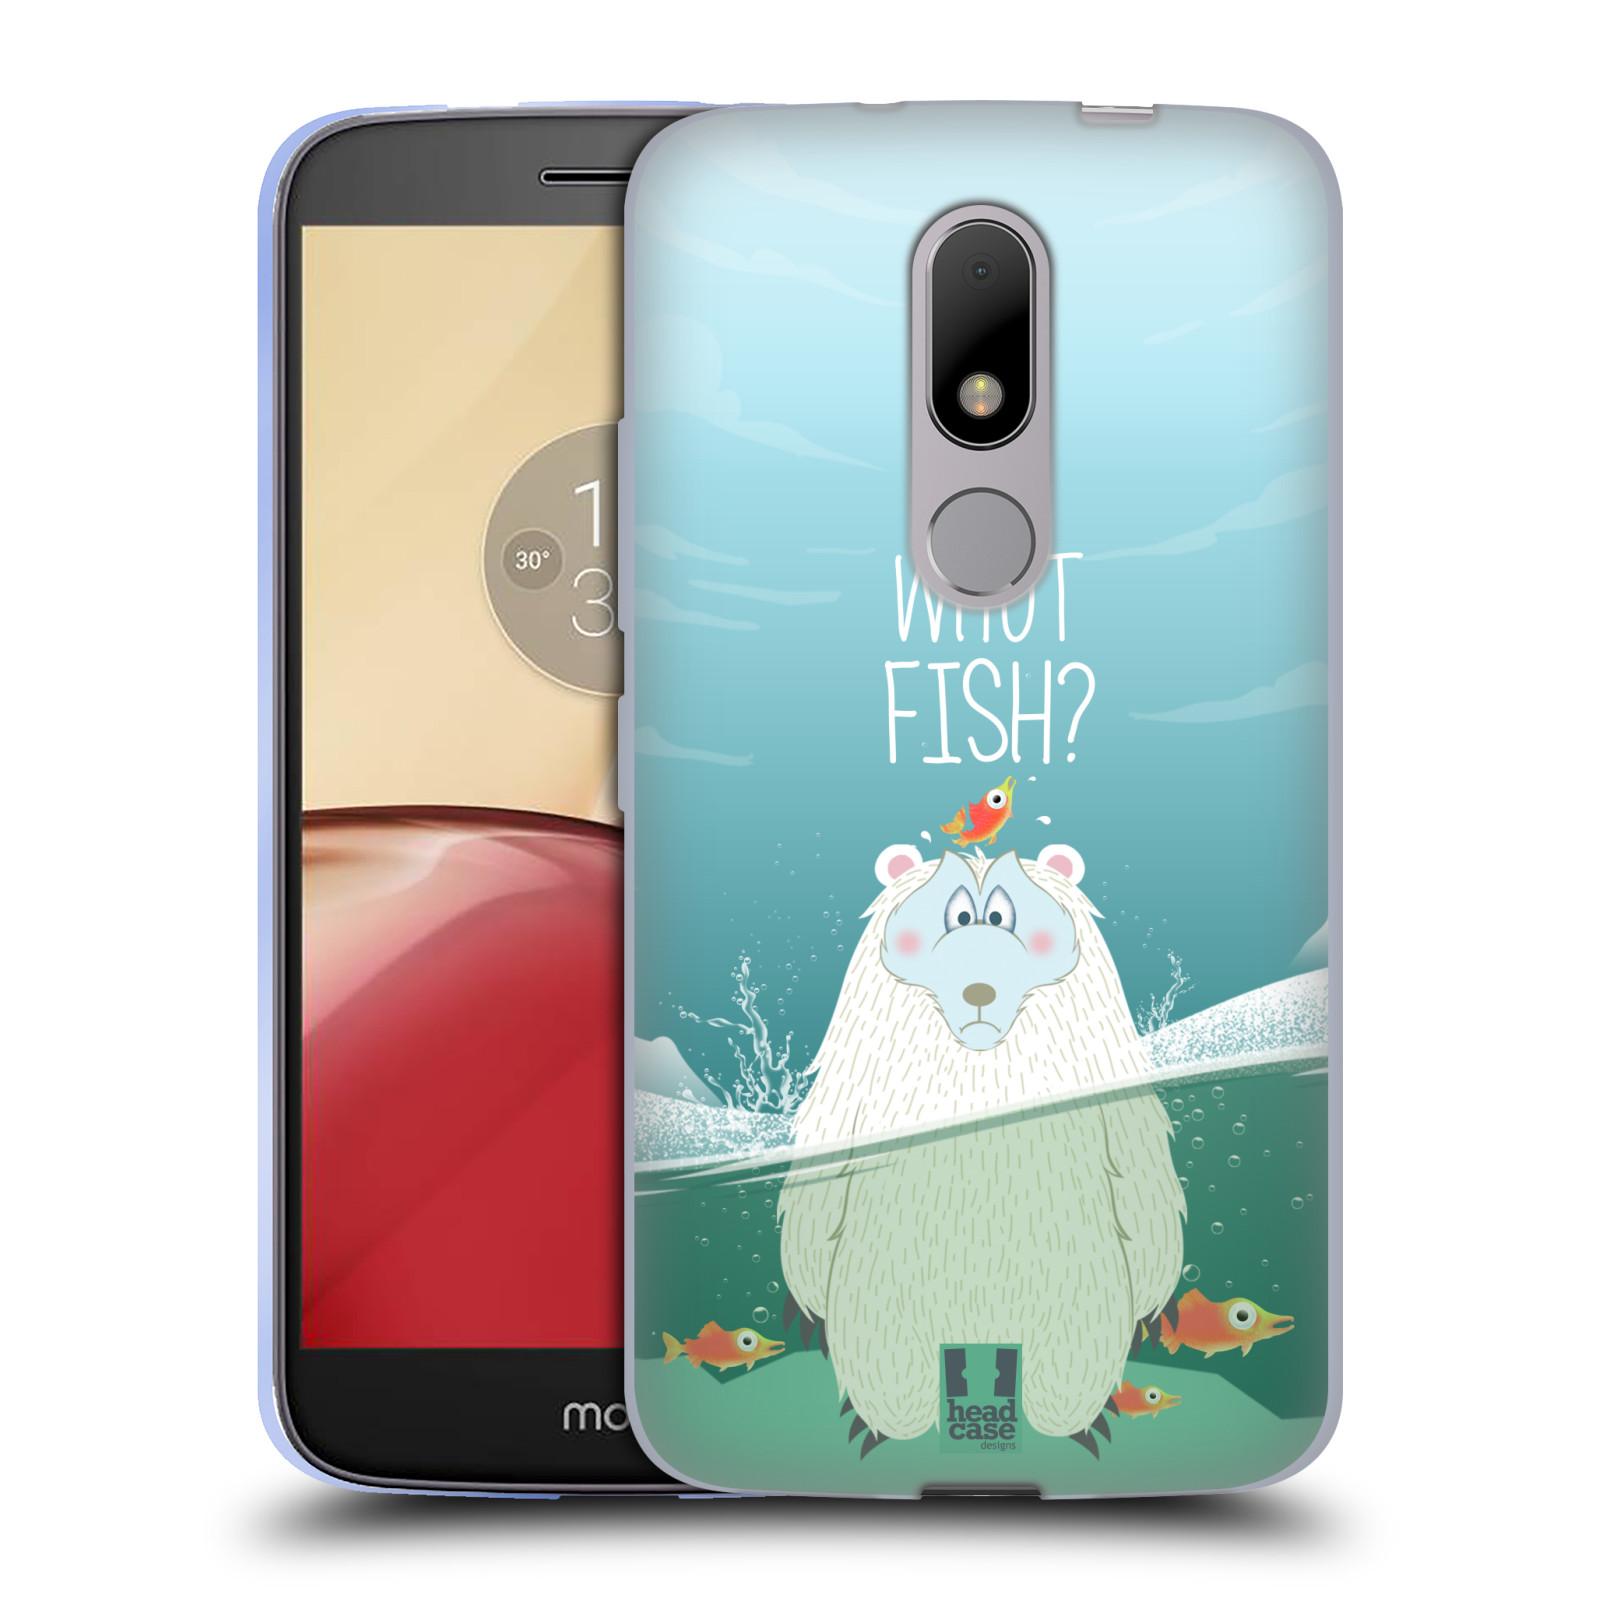 Silikonové pouzdro na mobil Lenovo Moto M - Head Case Medvěd Whut Fish?